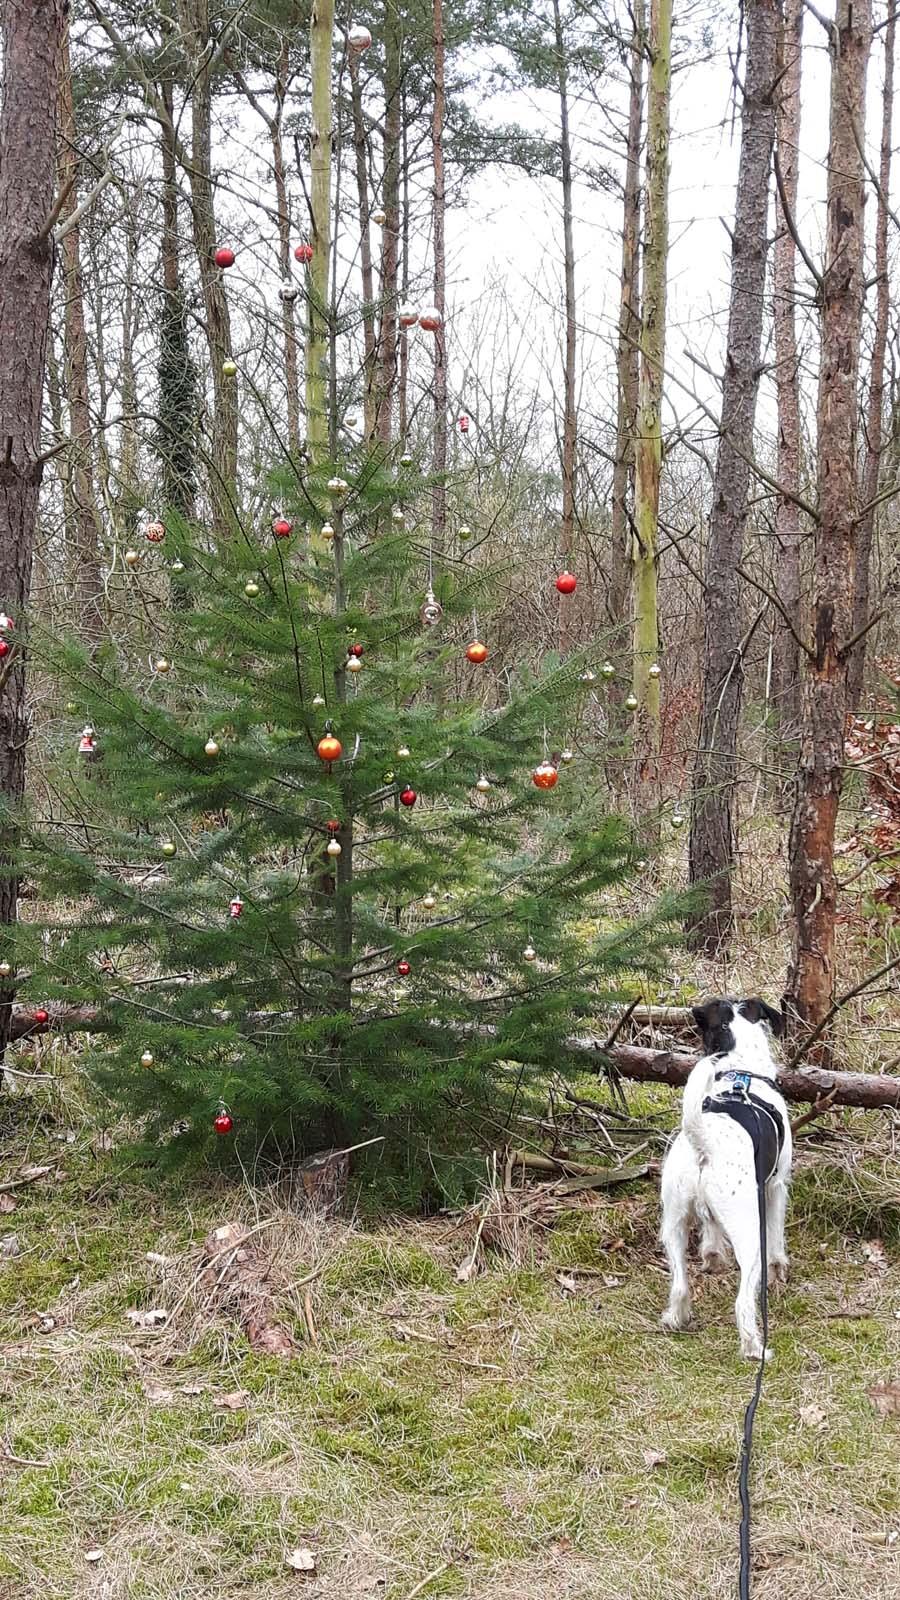 Mitte März - ein geschmückter Baum mitten im Wald!?